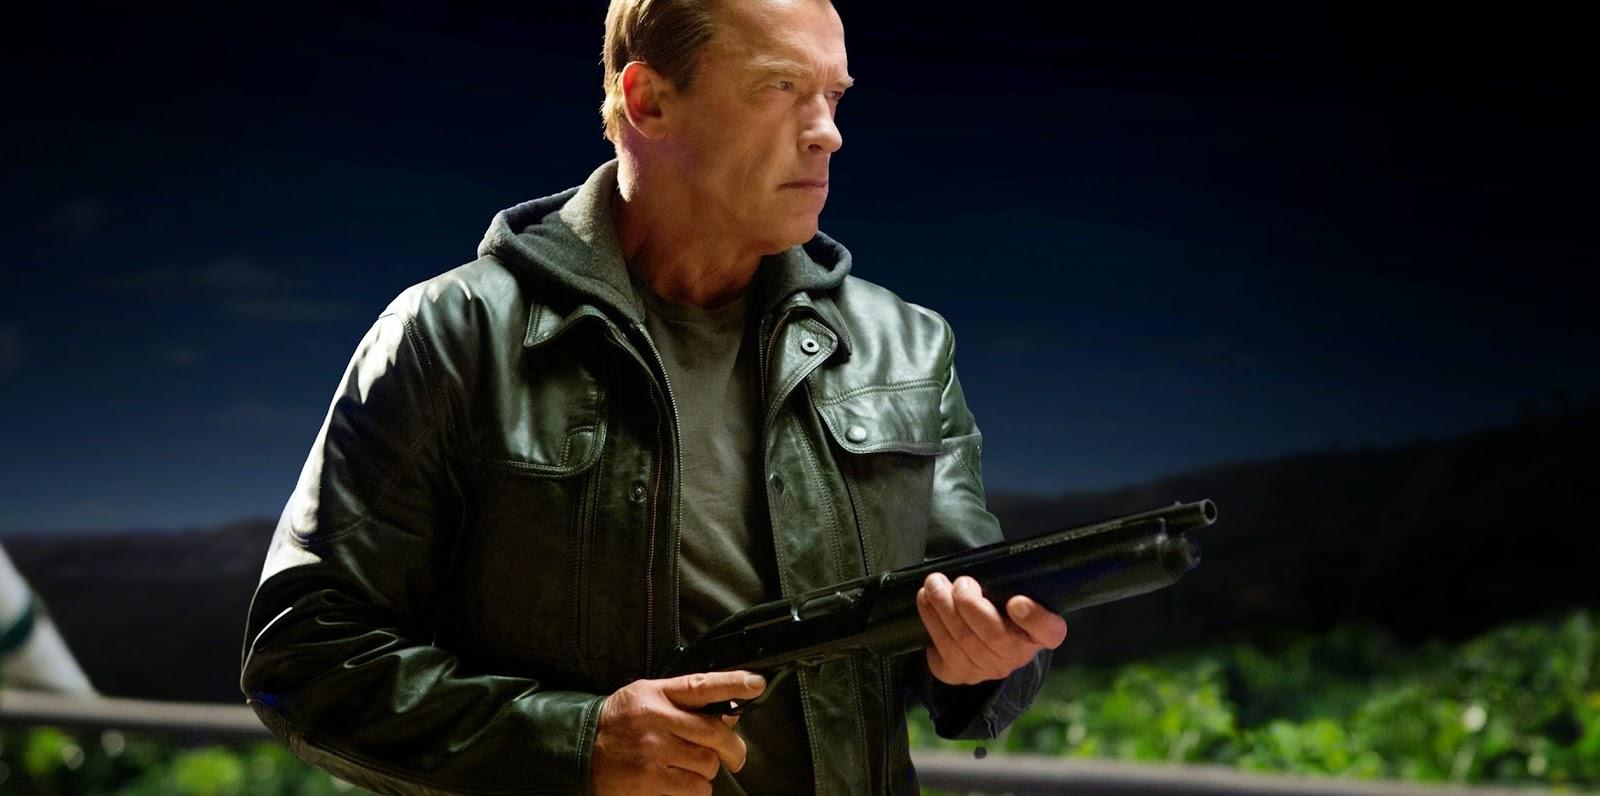 Arnold Schwarzenegger irá retornar na sequência de O Exterminador do Futuro: Gênesis